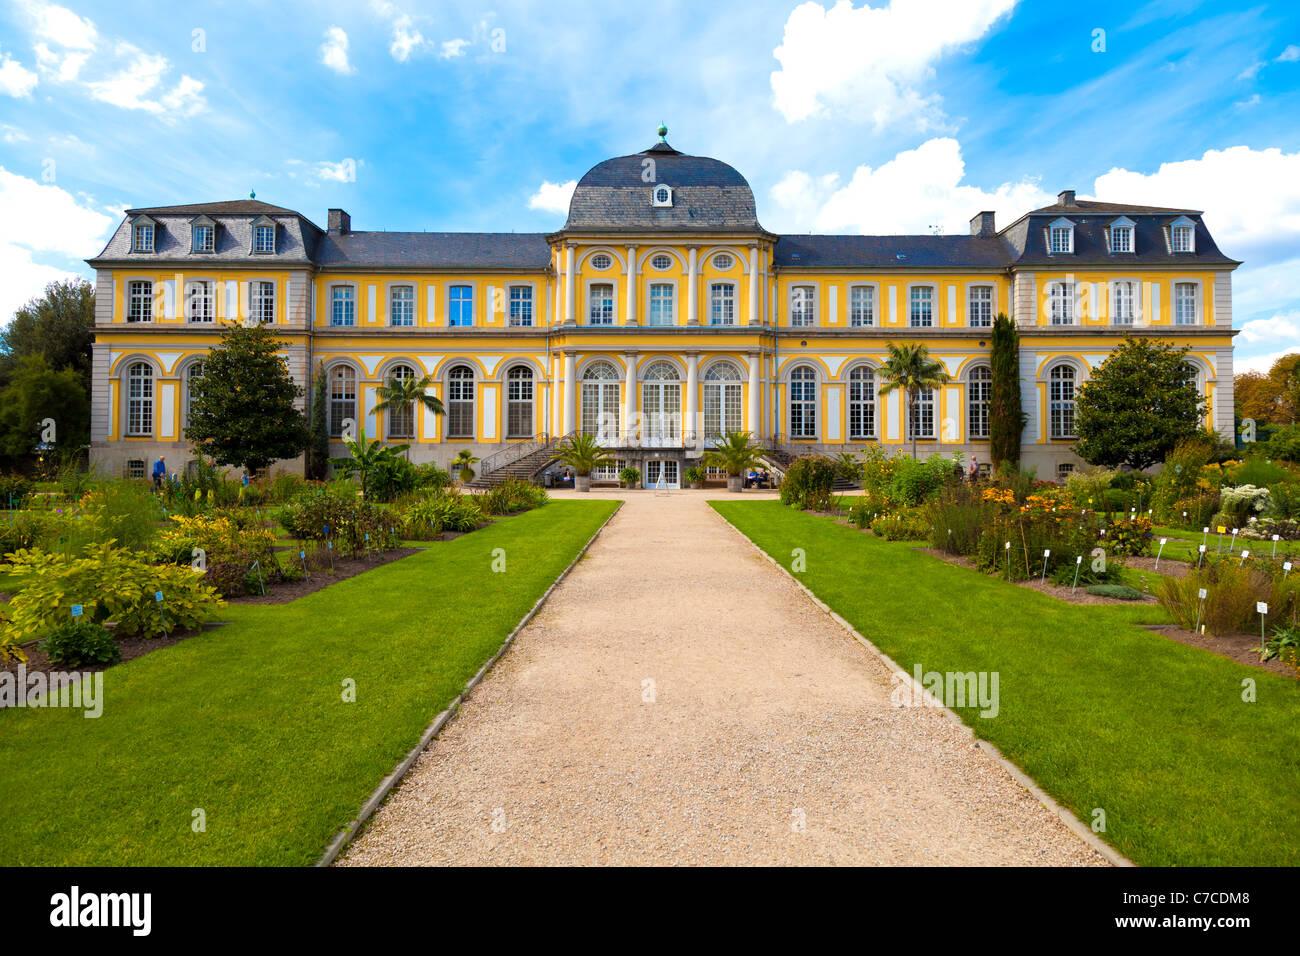 Poppelsdorfer Schloss in Bonn, Germany - Stock Image